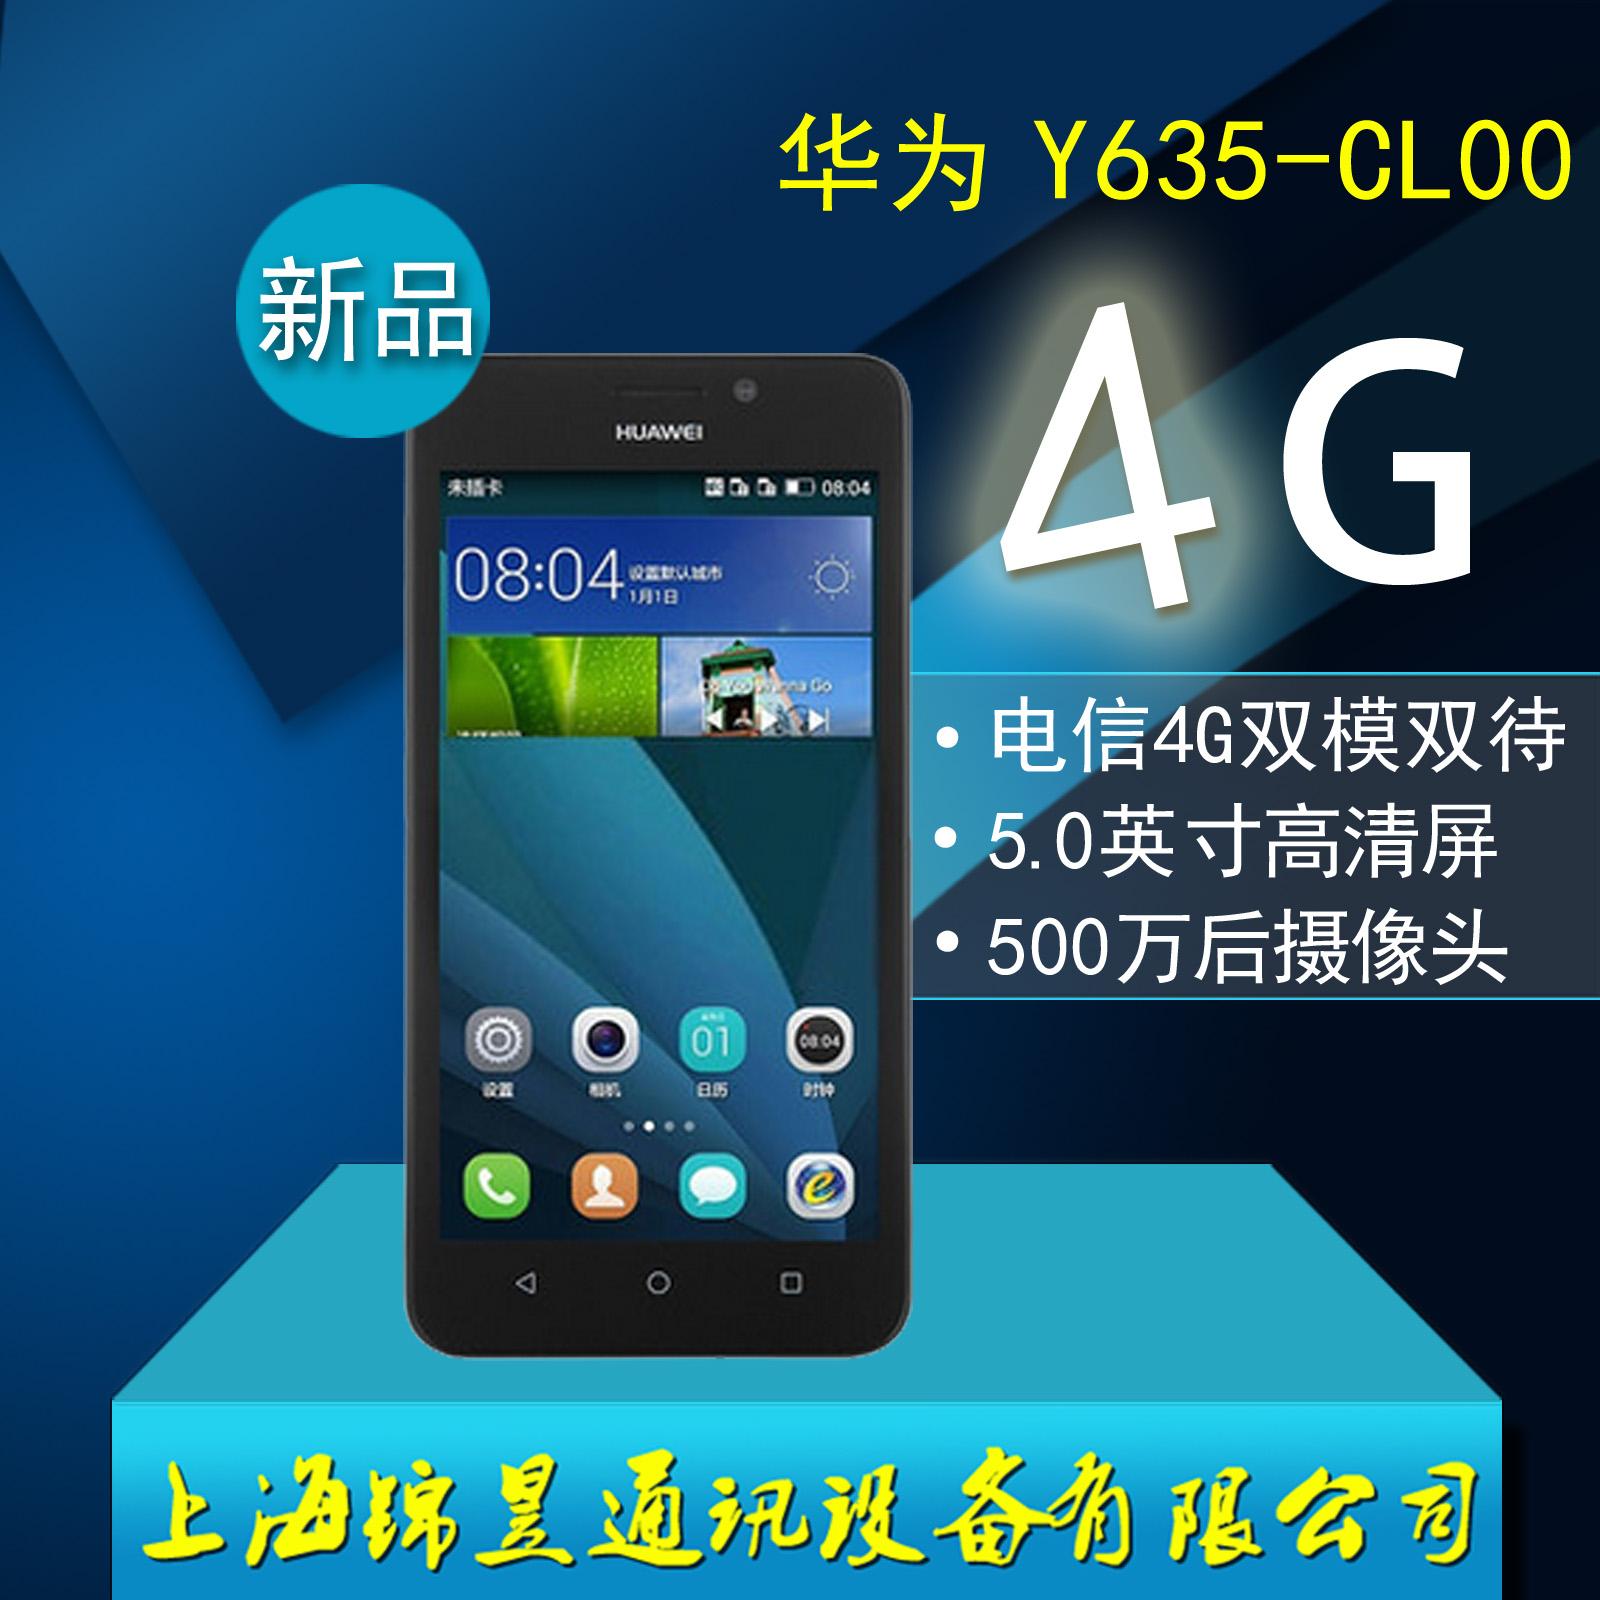 Мобильный телефон Huawei  Y635-CL00 4G мобильный телефон lenovo k920 vibe z2 pro 4g